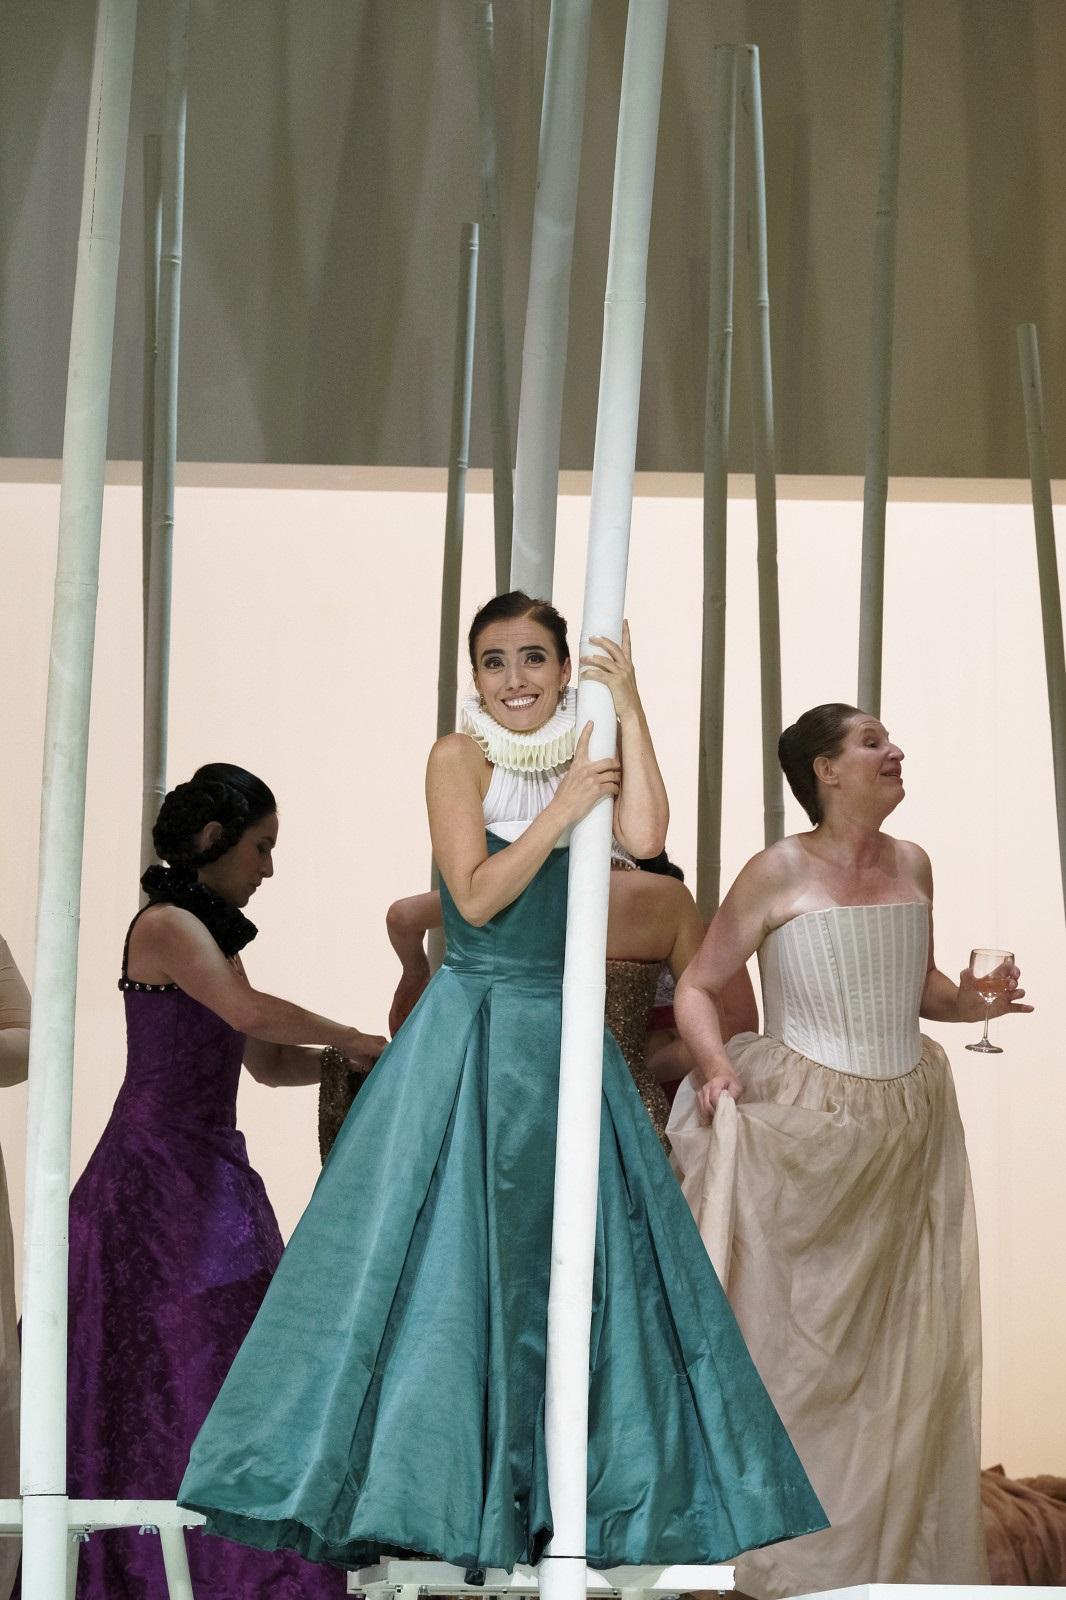 Ermonela Jaho - ph. Agathe Poupeney / Opéra national de Paris